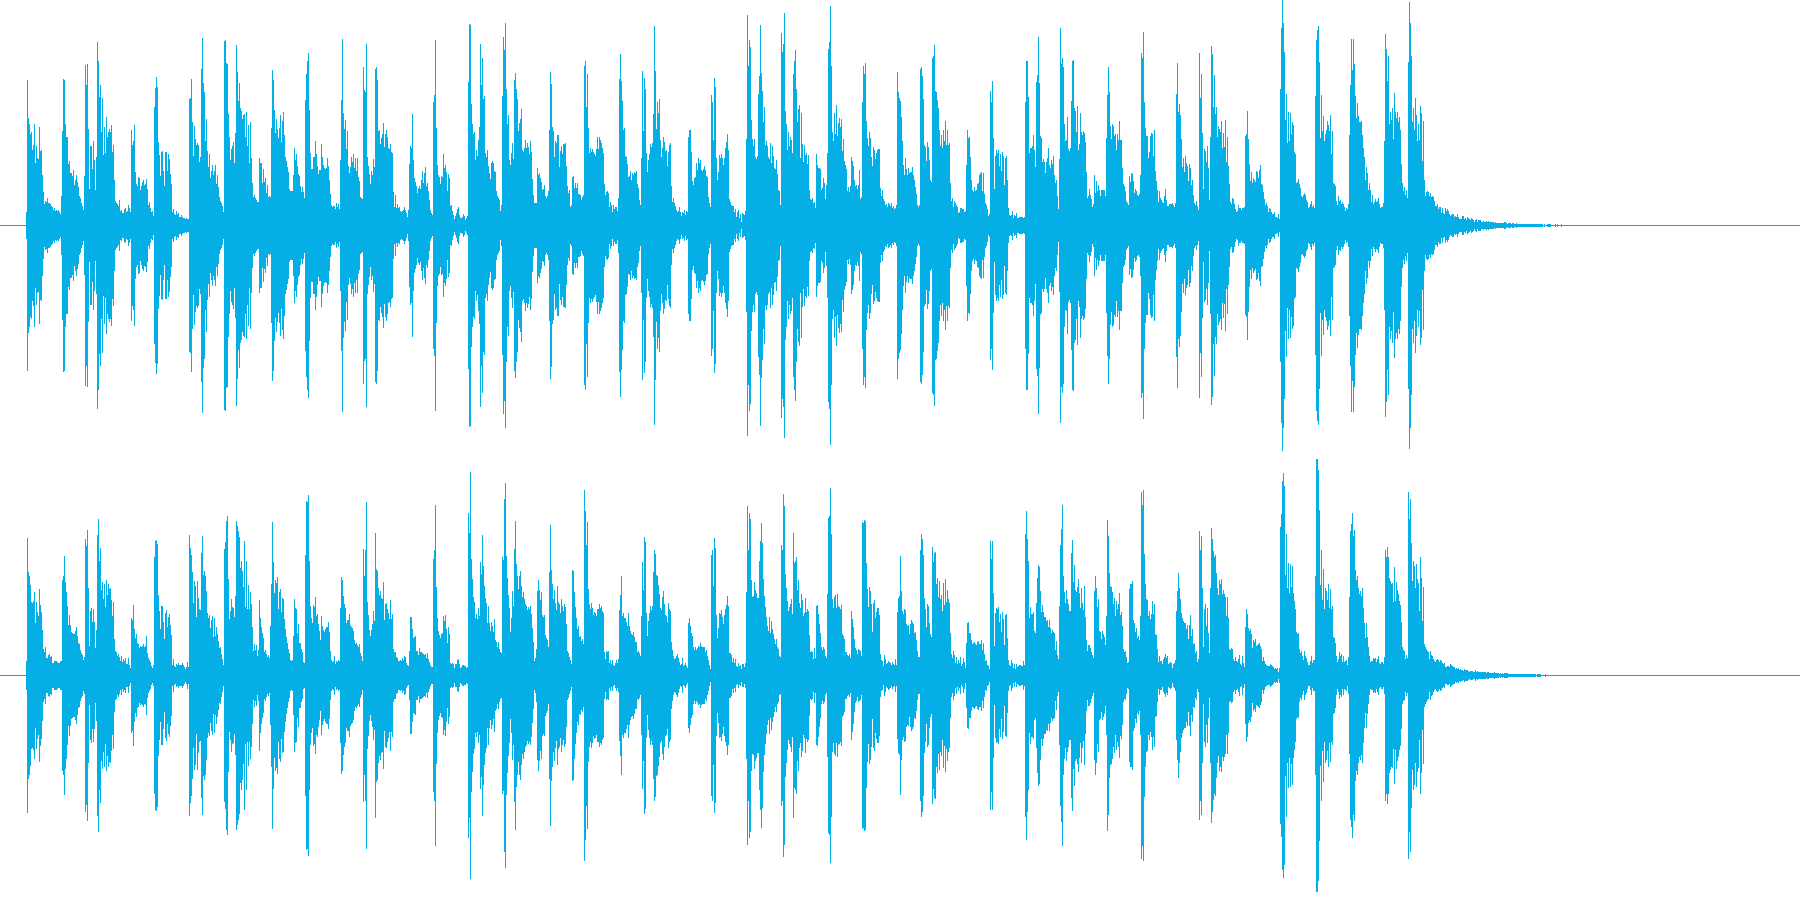 パーカッションの音が元気なインスト曲の再生済みの波形